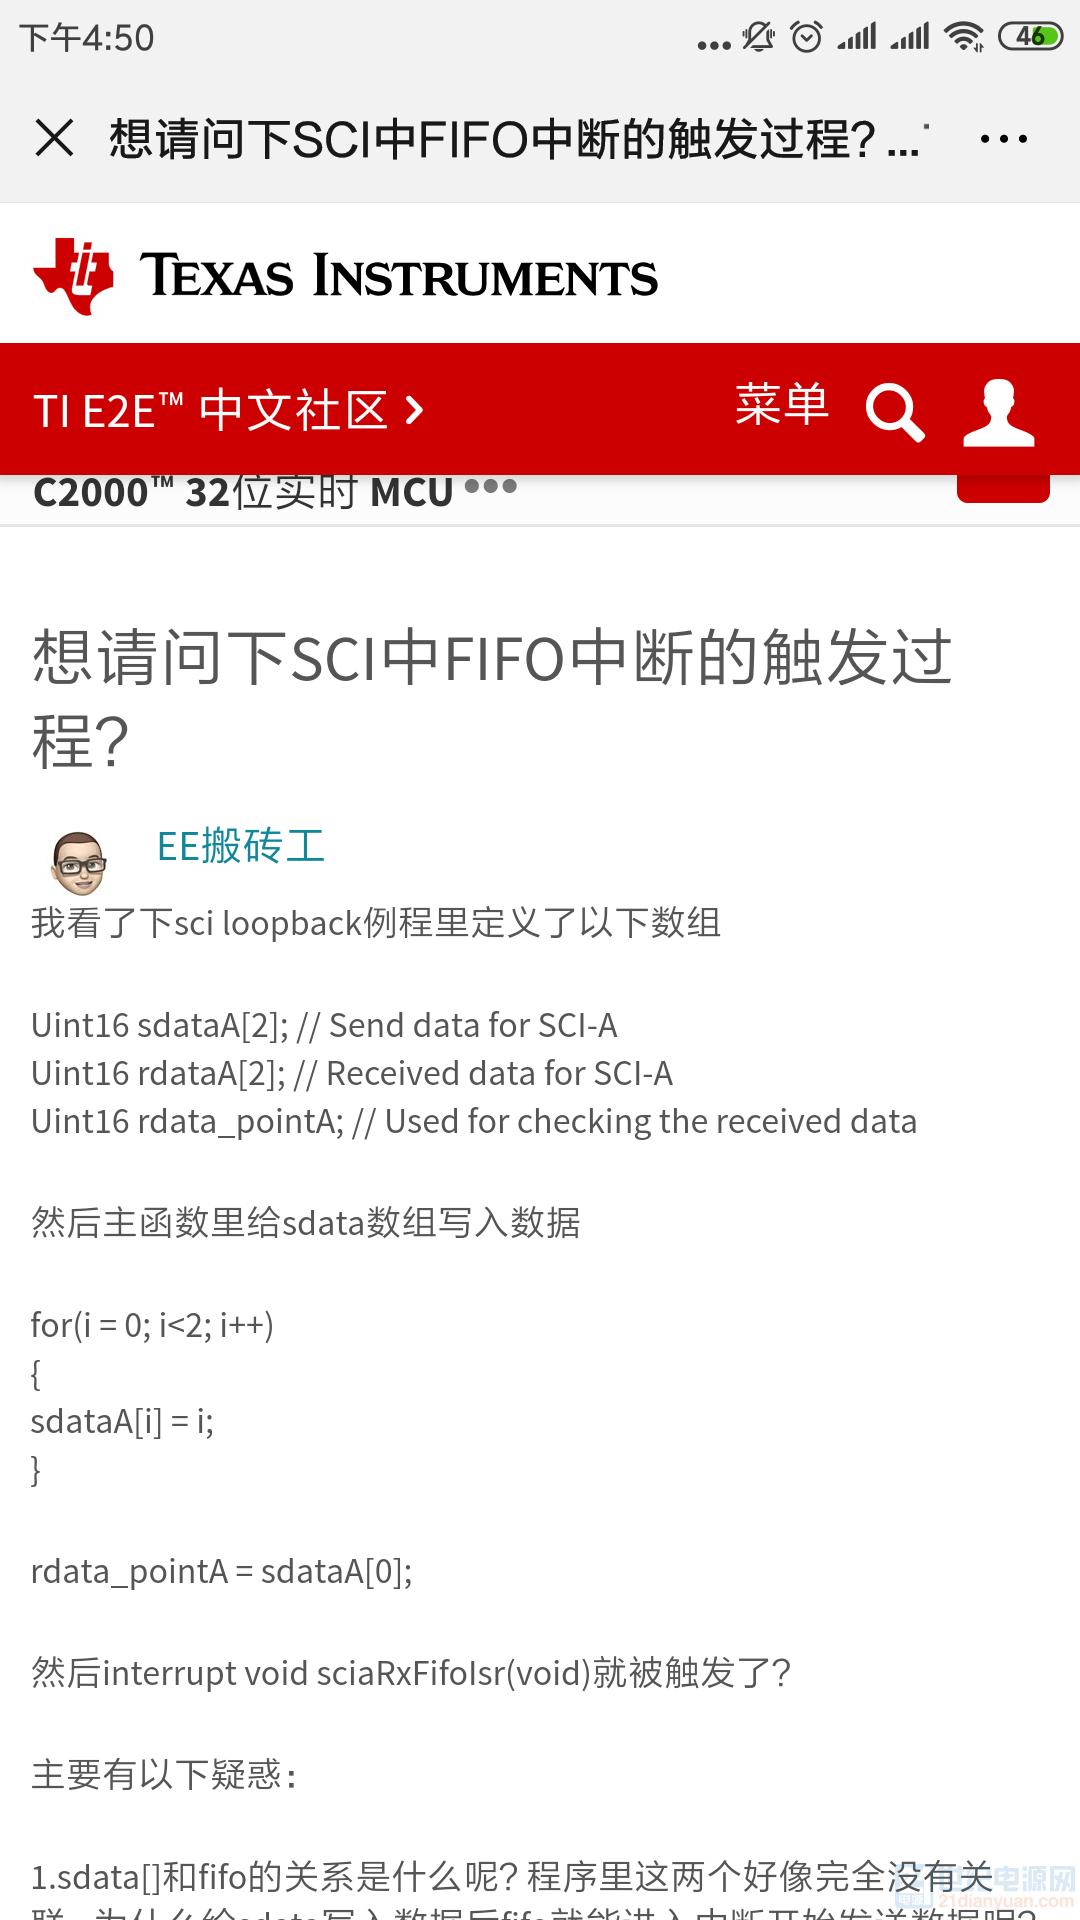 Screenshot_2019-11-12-16-50-53-803_com.tencent.mm.png